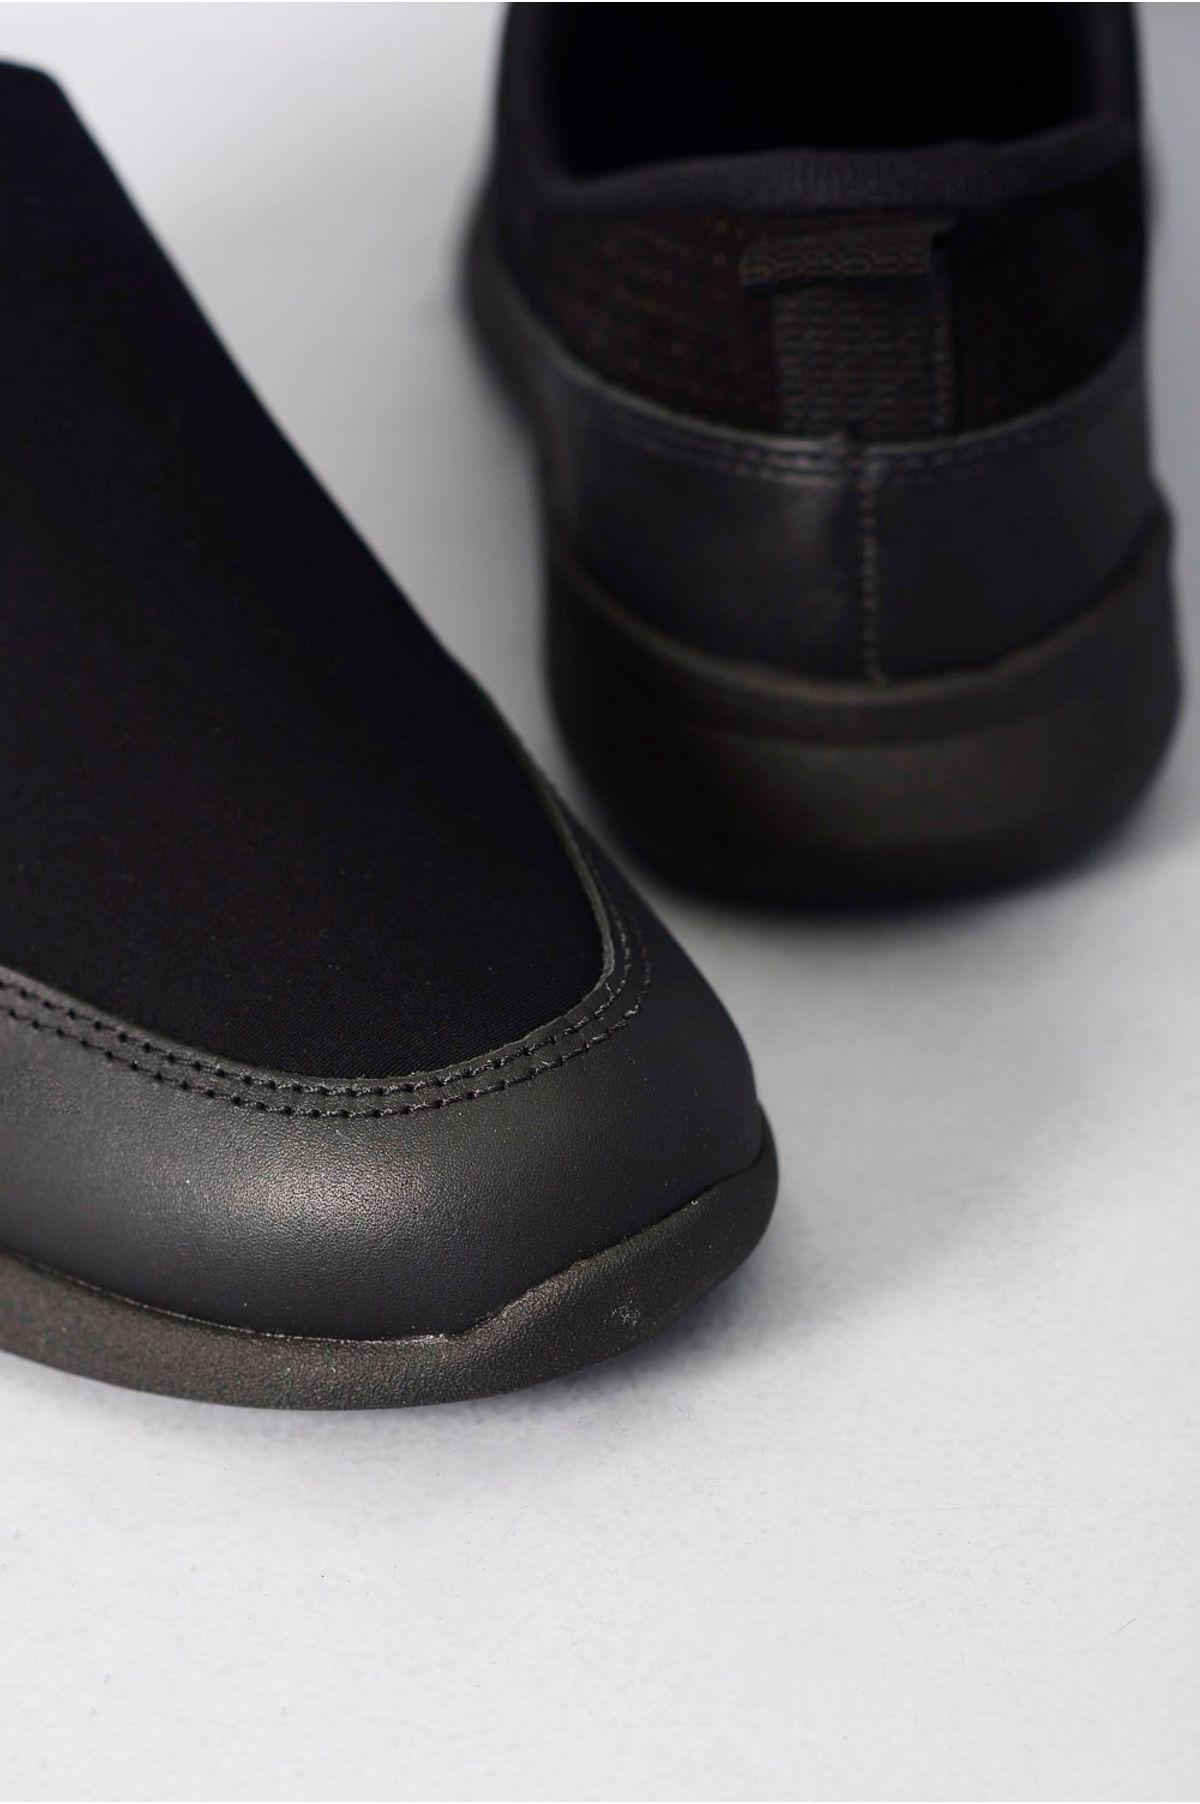 6b8bf3138 Sapatênis Masculino Usaflex Foulard PRETO - Mundial Calçados